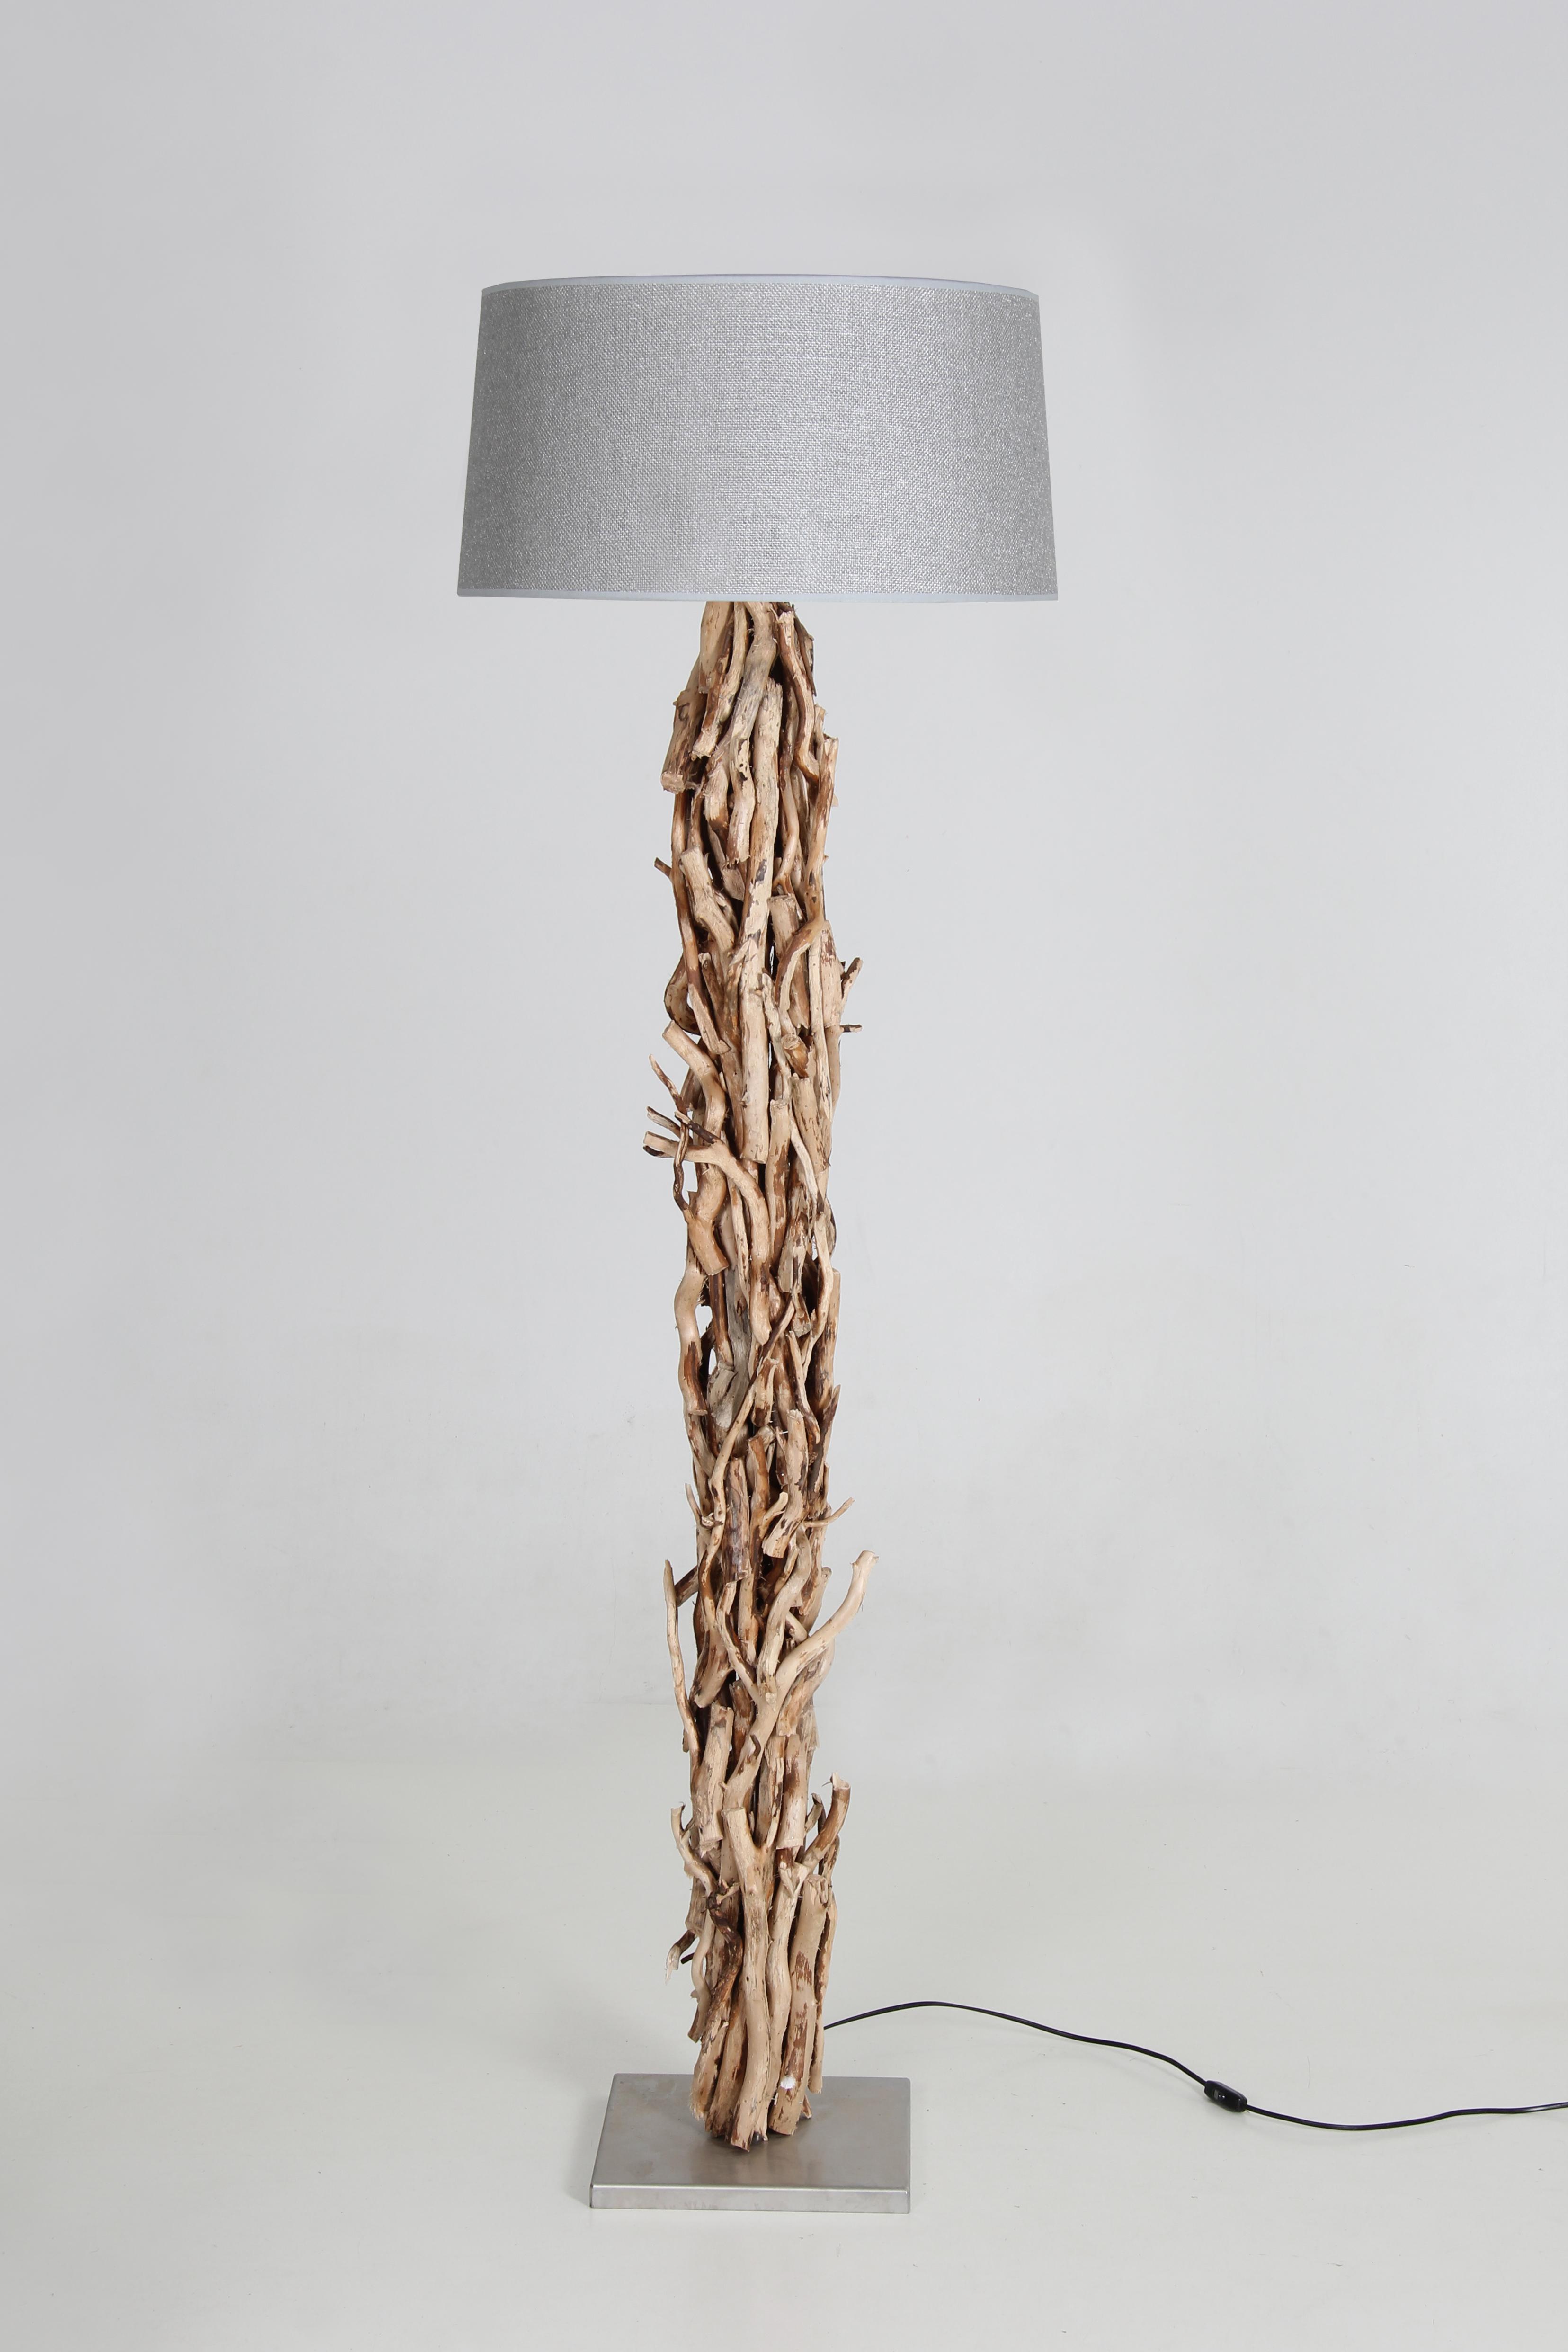 Bezaubernd Stehleuchte Silber Referenz Von Rustikal Geschälte Aststücke, Lampenschirm Jute 170 Cm